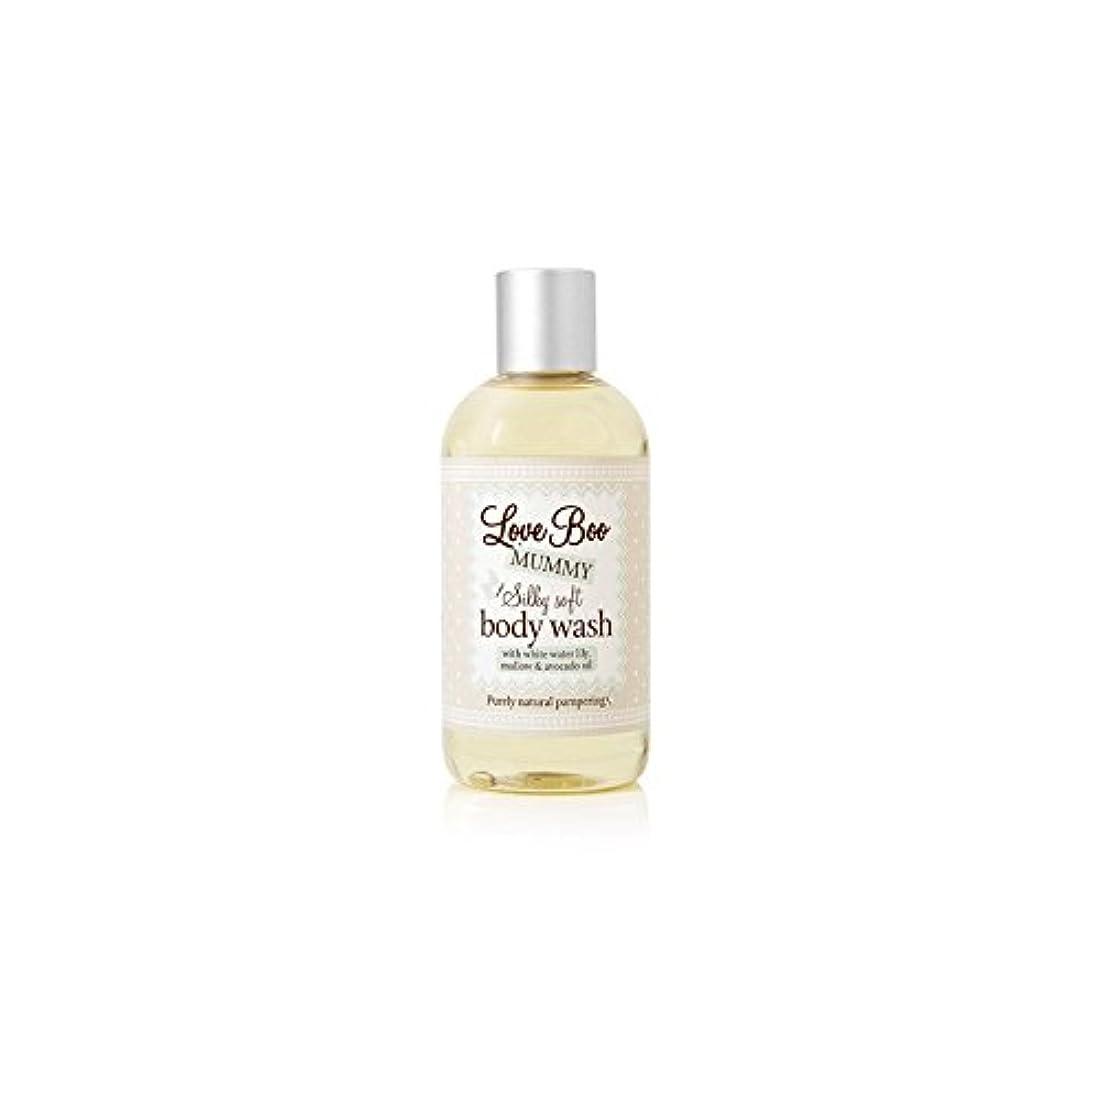 あごひげコースオーナーLove Boo Silky Soft Body Wash (250ml) (Pack of 6) - 絹のようなソフトボディウォッシュ(250ミリリットル)愛 x6 [並行輸入品]